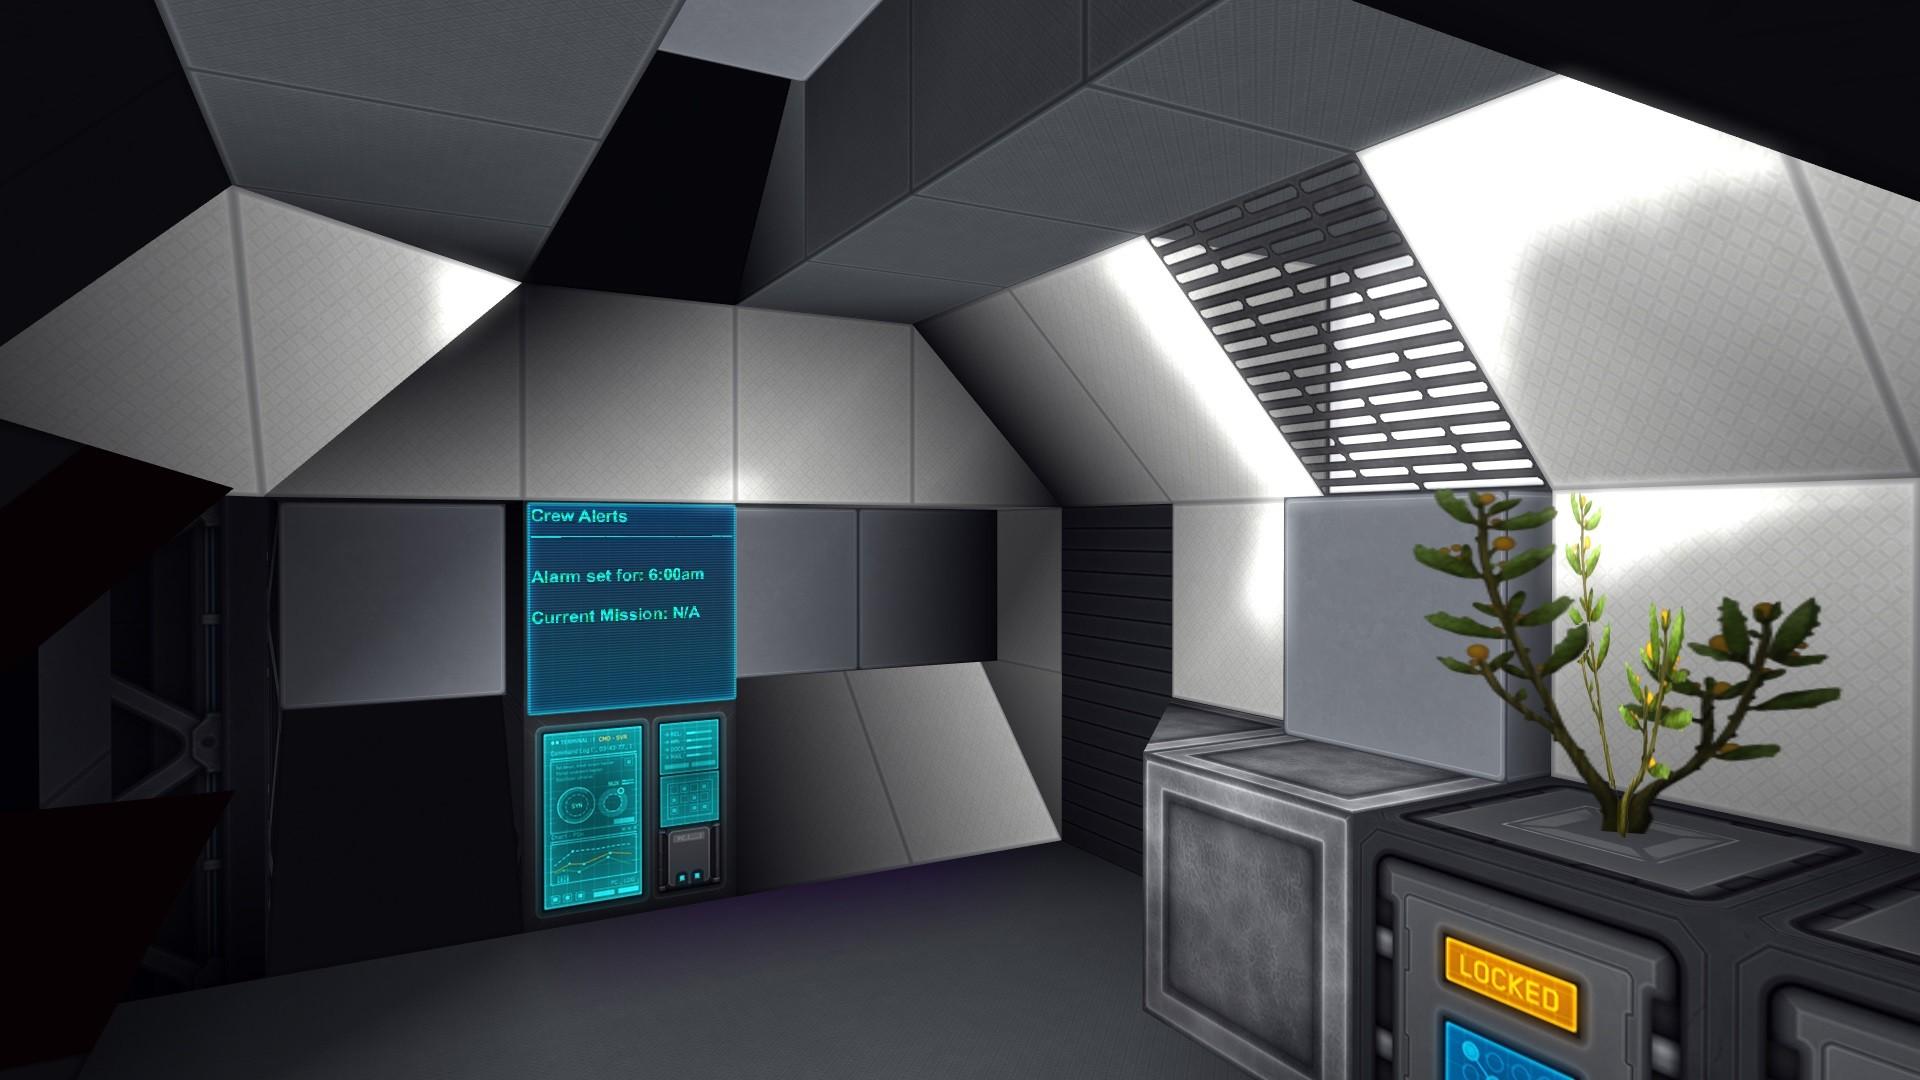 starmade-screenshot-0006.jpg